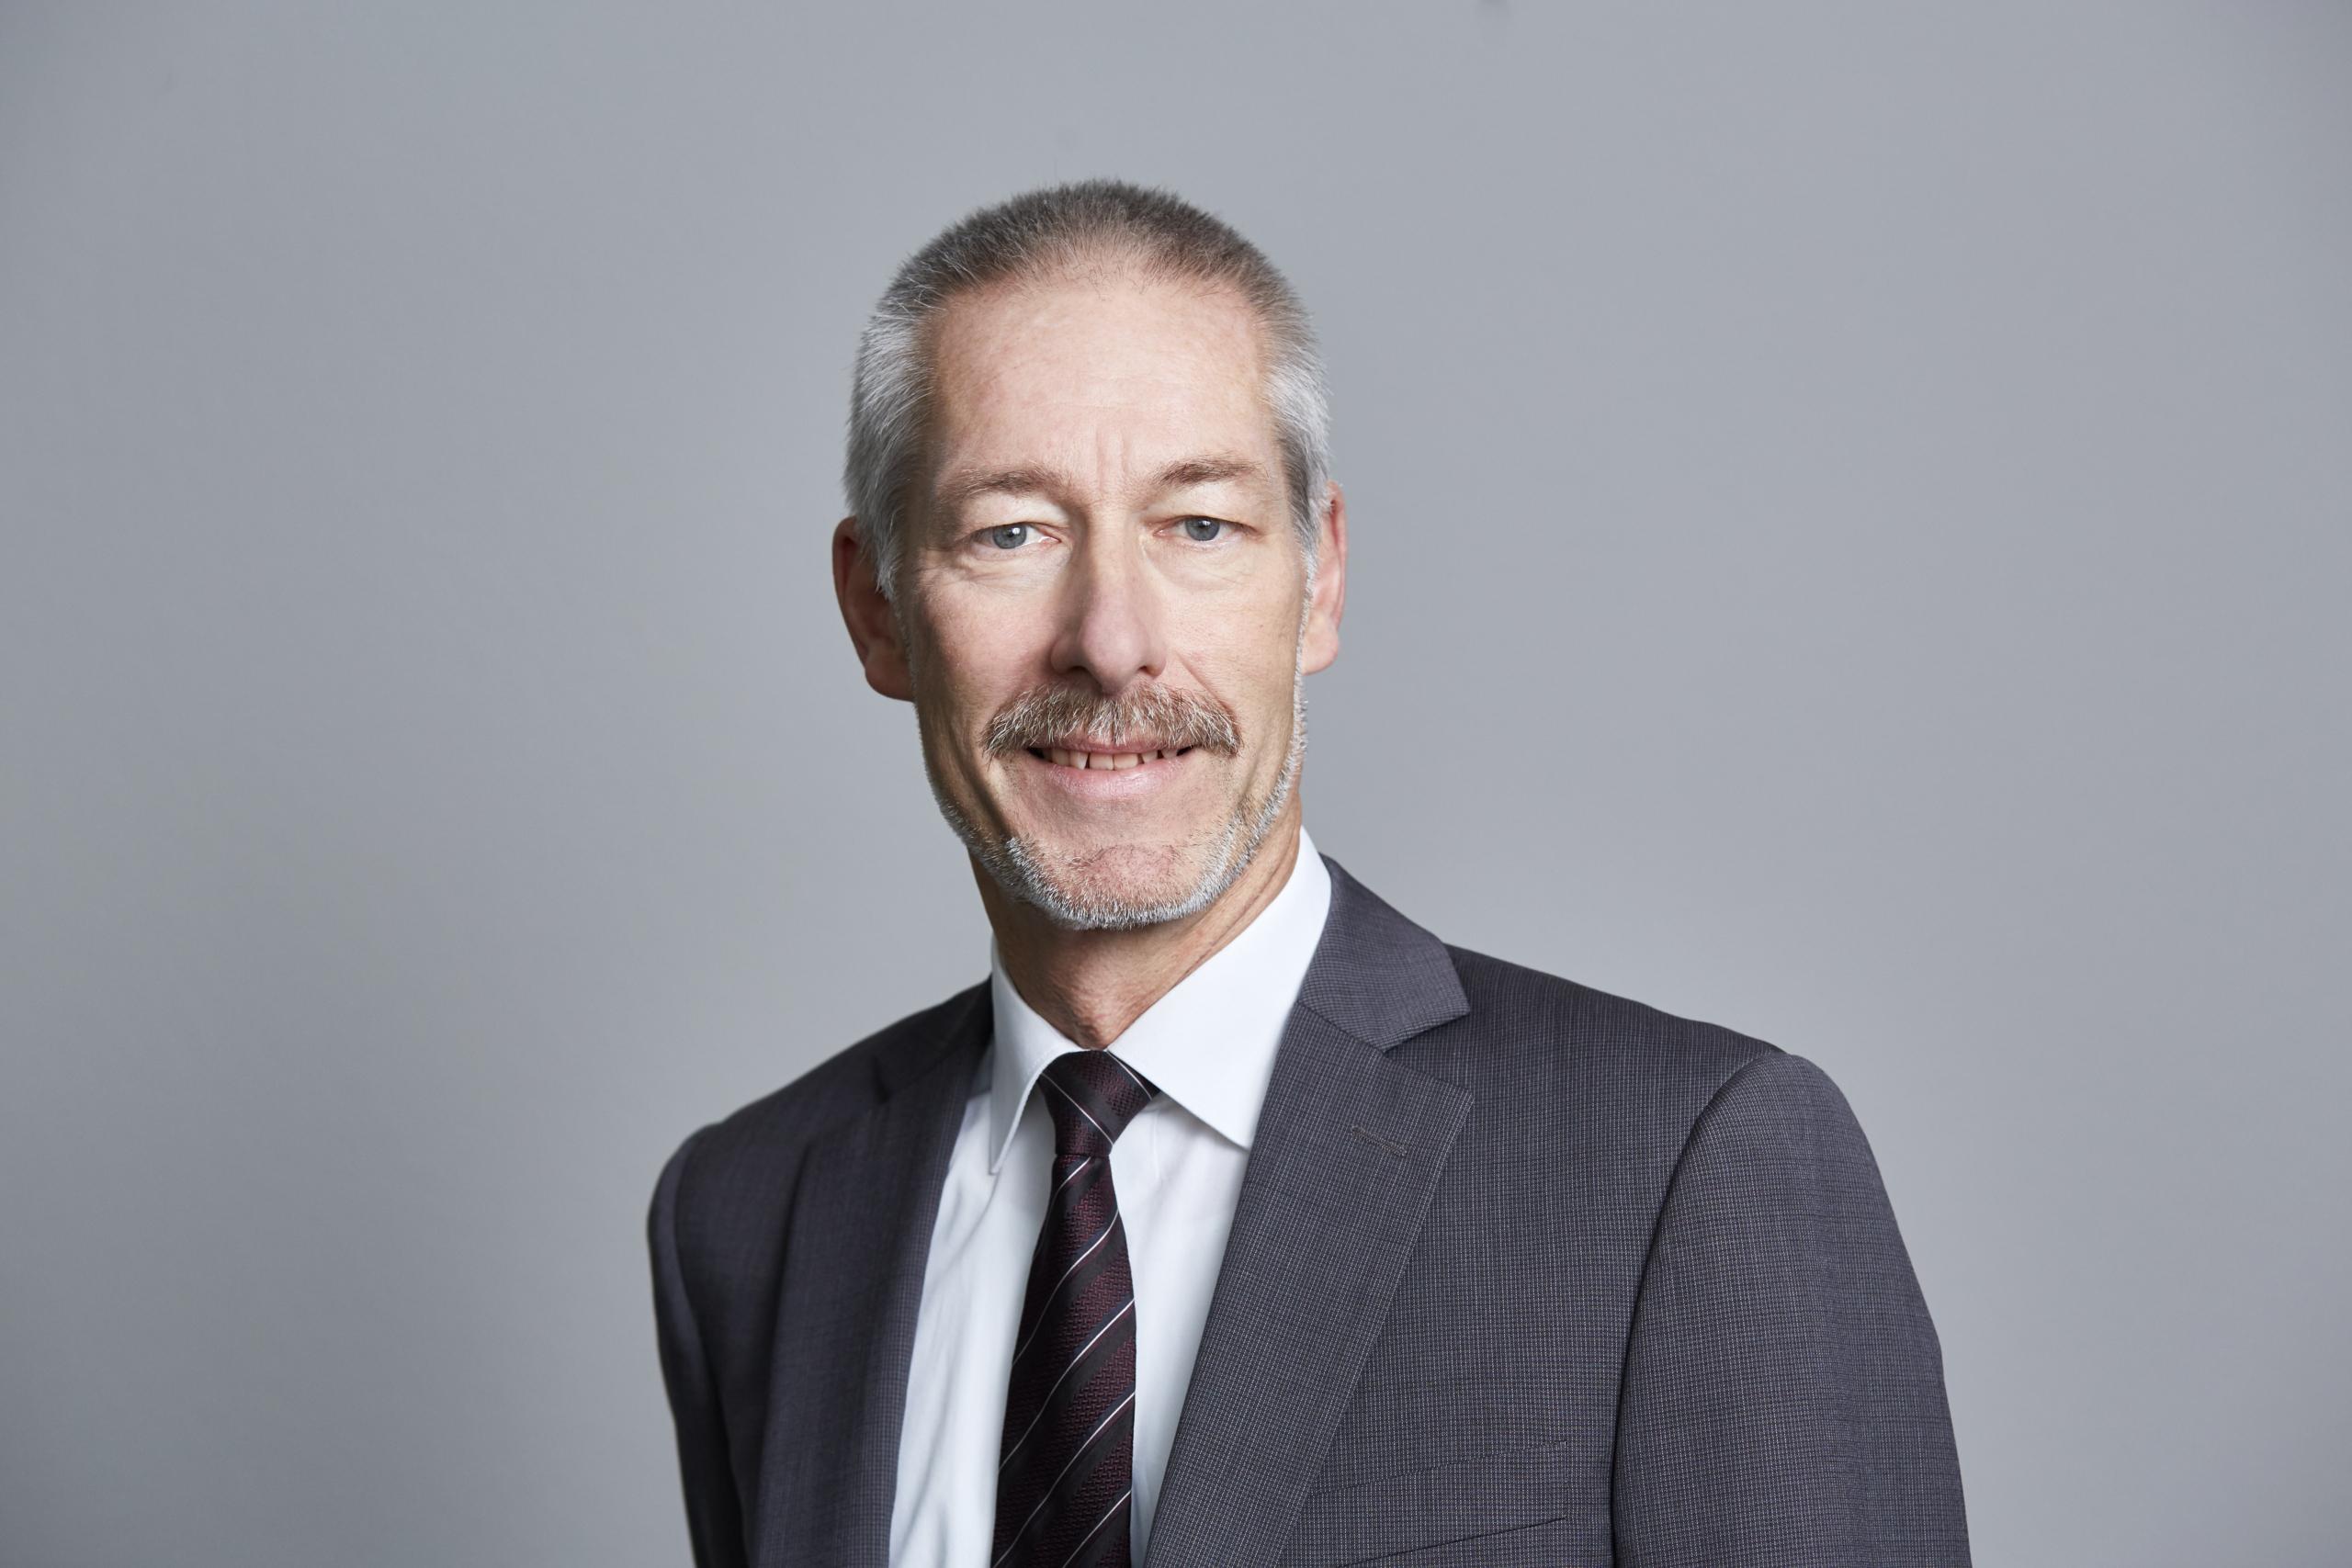 Unternehmensberater Claus-Dieter Pointe